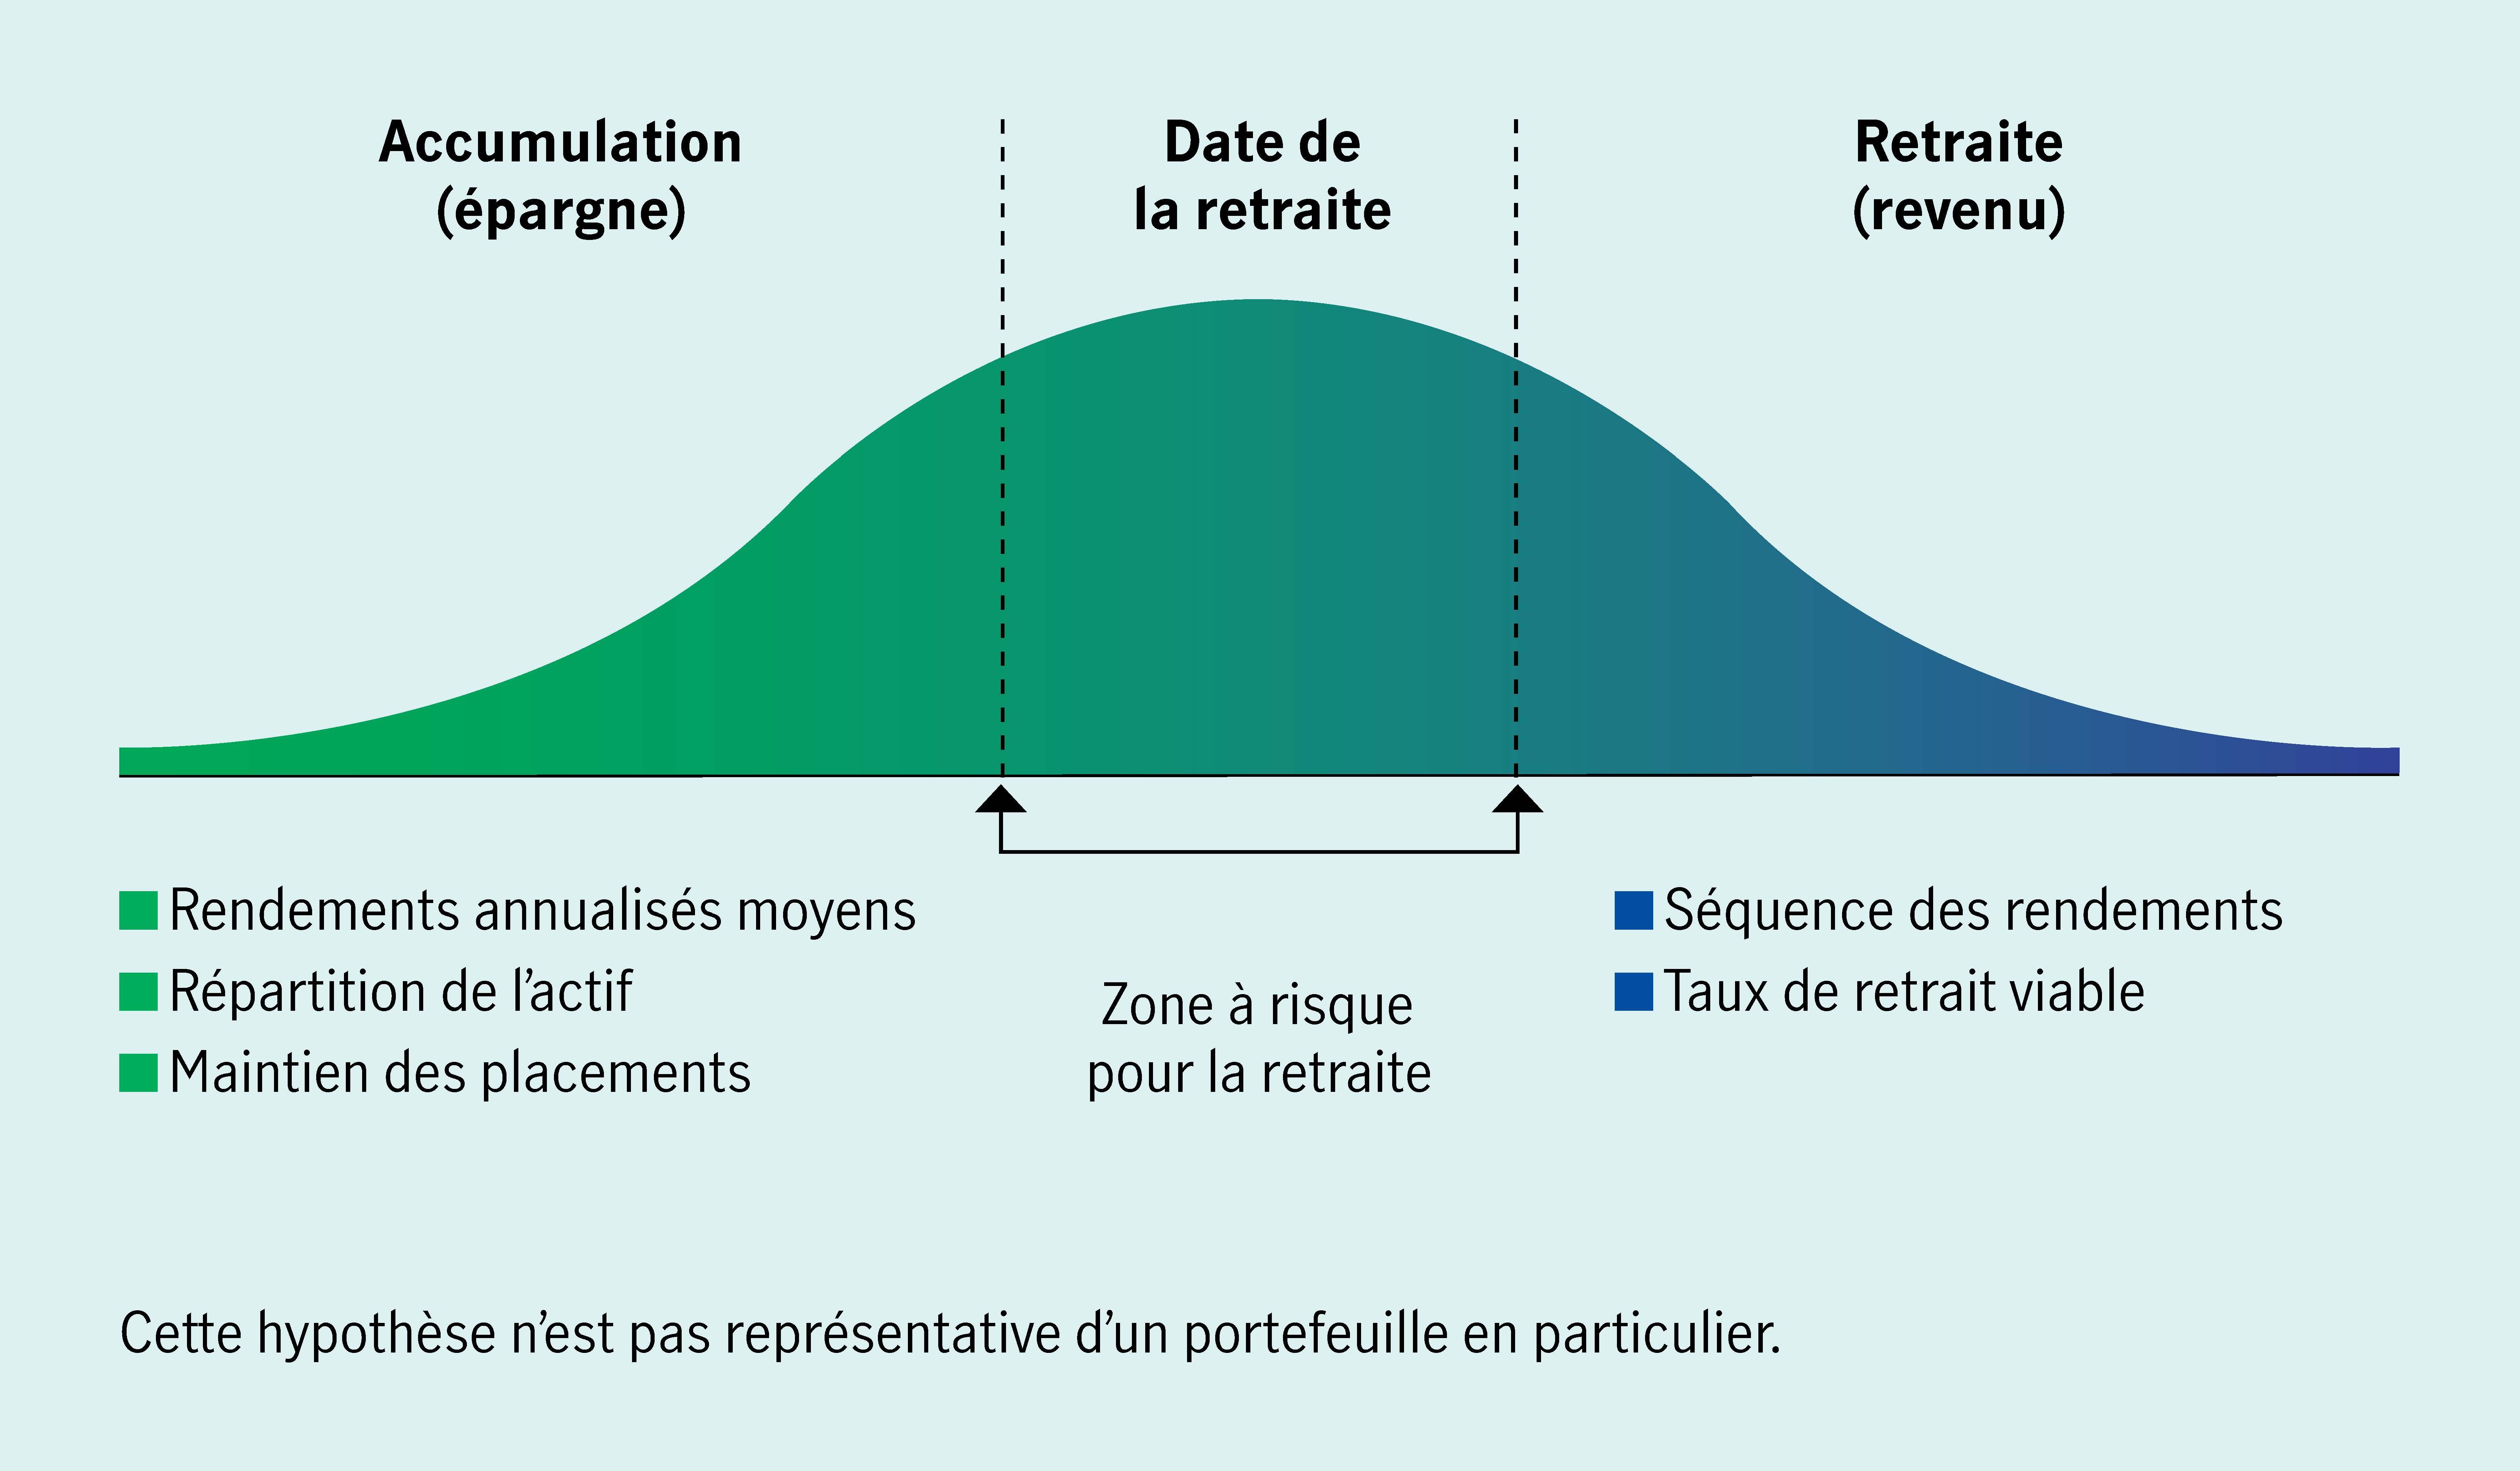 La « zone à risque pour la retraite » que vous voyez ici montre comment une séquence de rendements décevante et imprévisible peut avoir une incidence défavorable sur l'épargne-retraite d'un client.